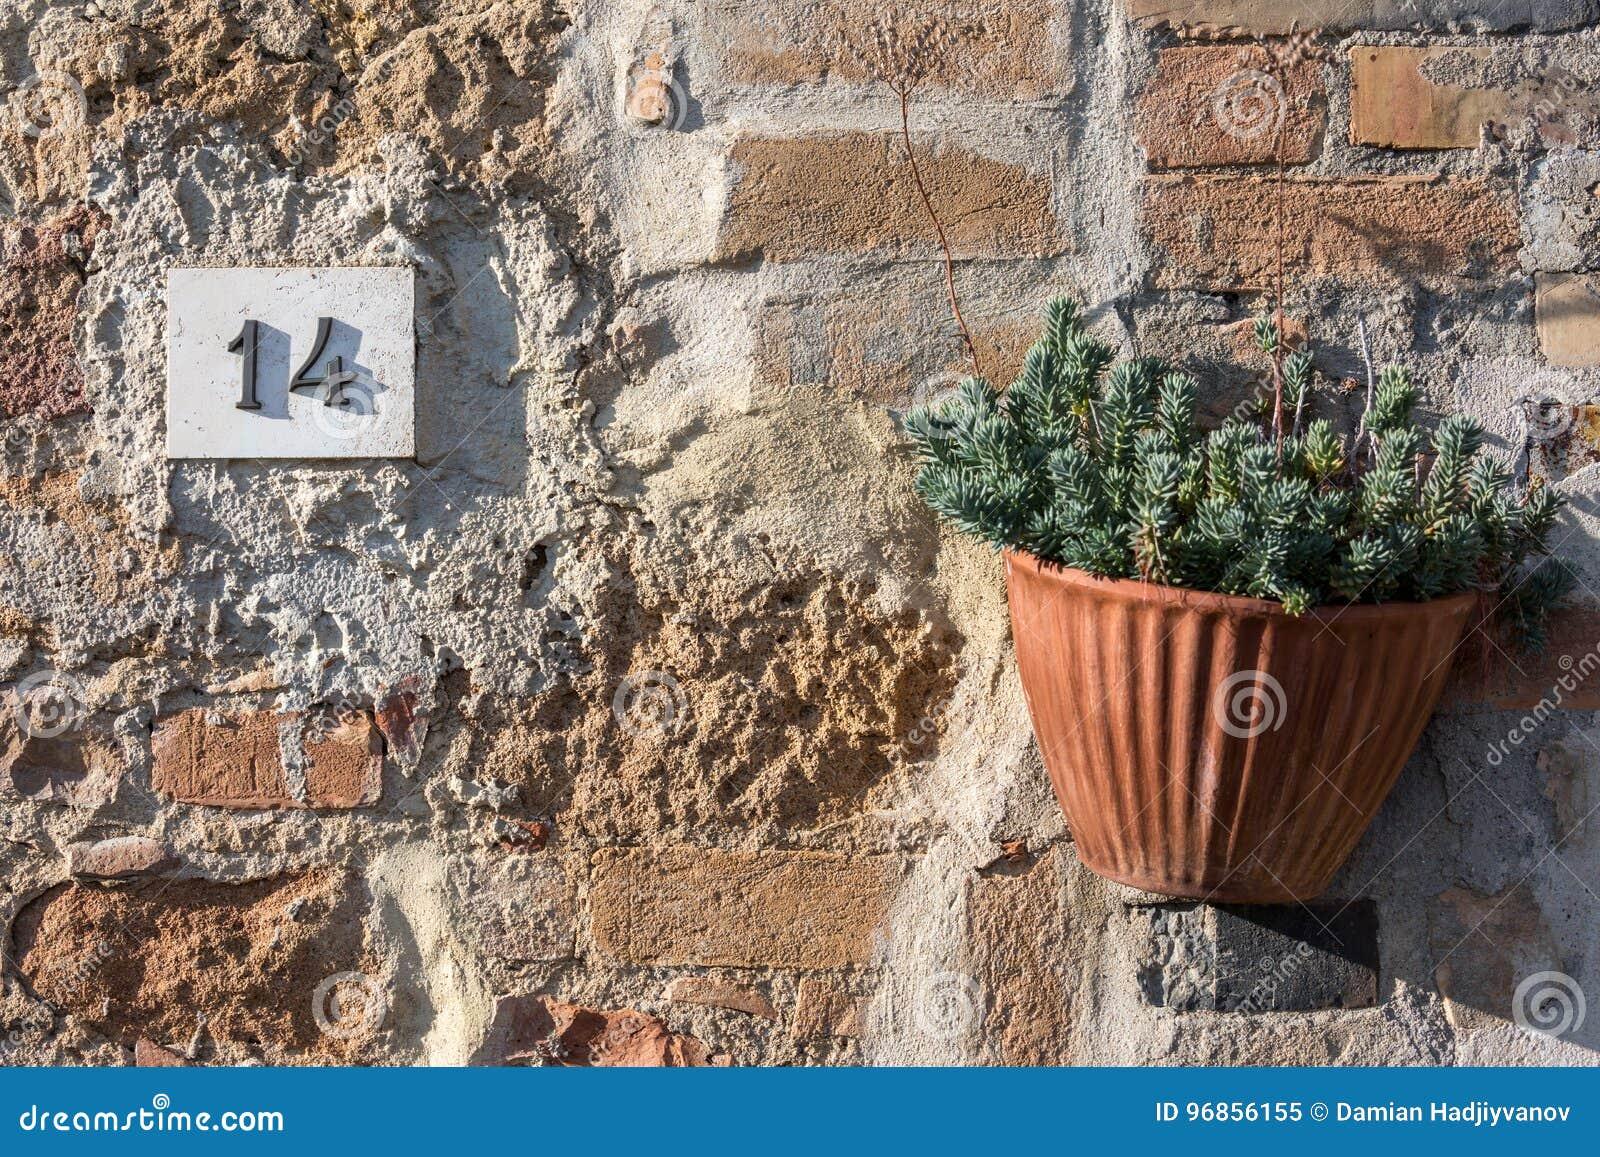 Il segnale stradale su una casa che legge il numero quattordici ha fatto dalle cifre metalliche su una base di marmo